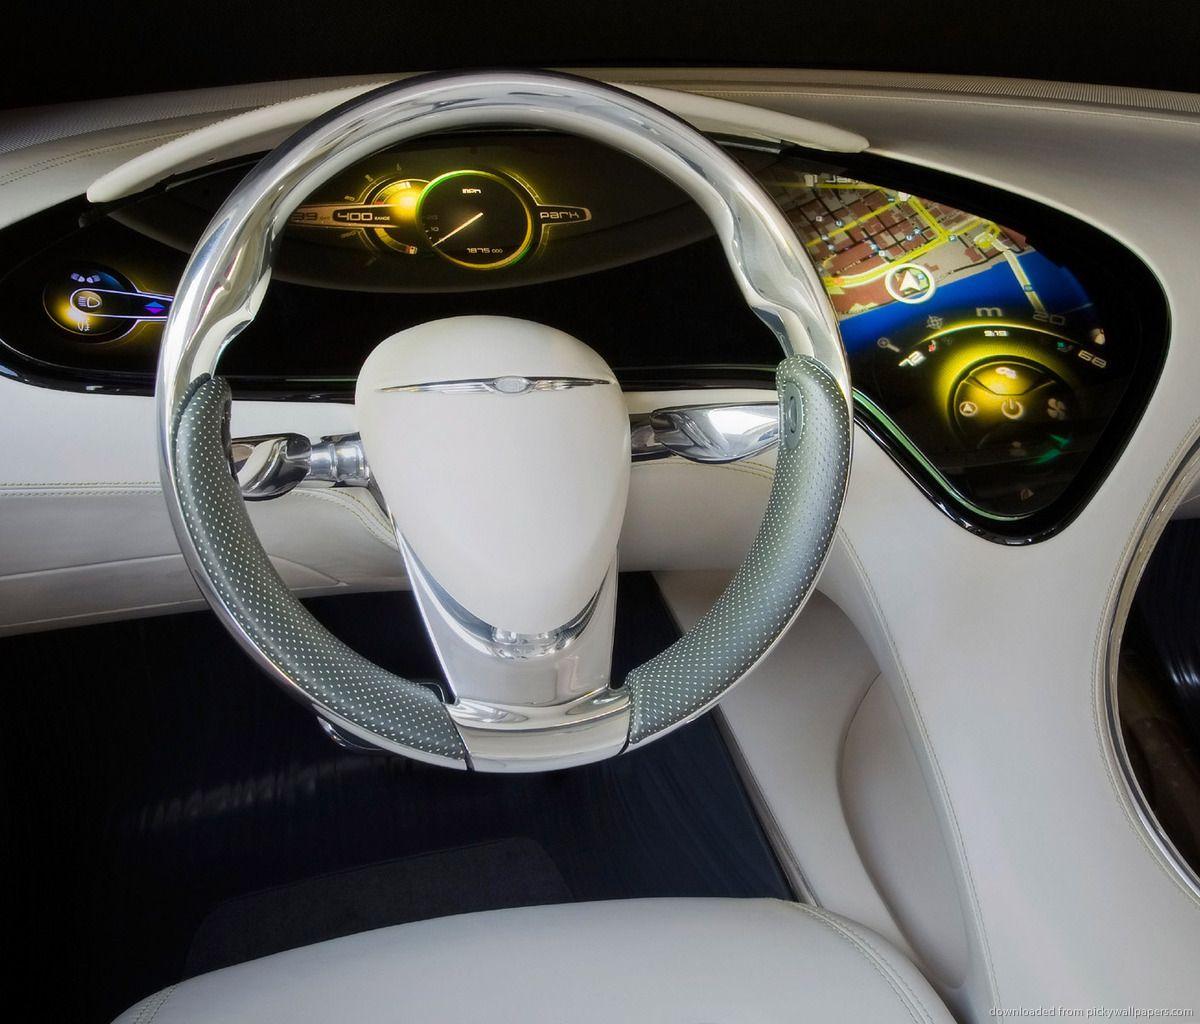 Best 25 Chrysler 300 Ideas On Pinterest: Más De 25 Ideas Increíbles Sobre Chrysler 200 En Pinterest